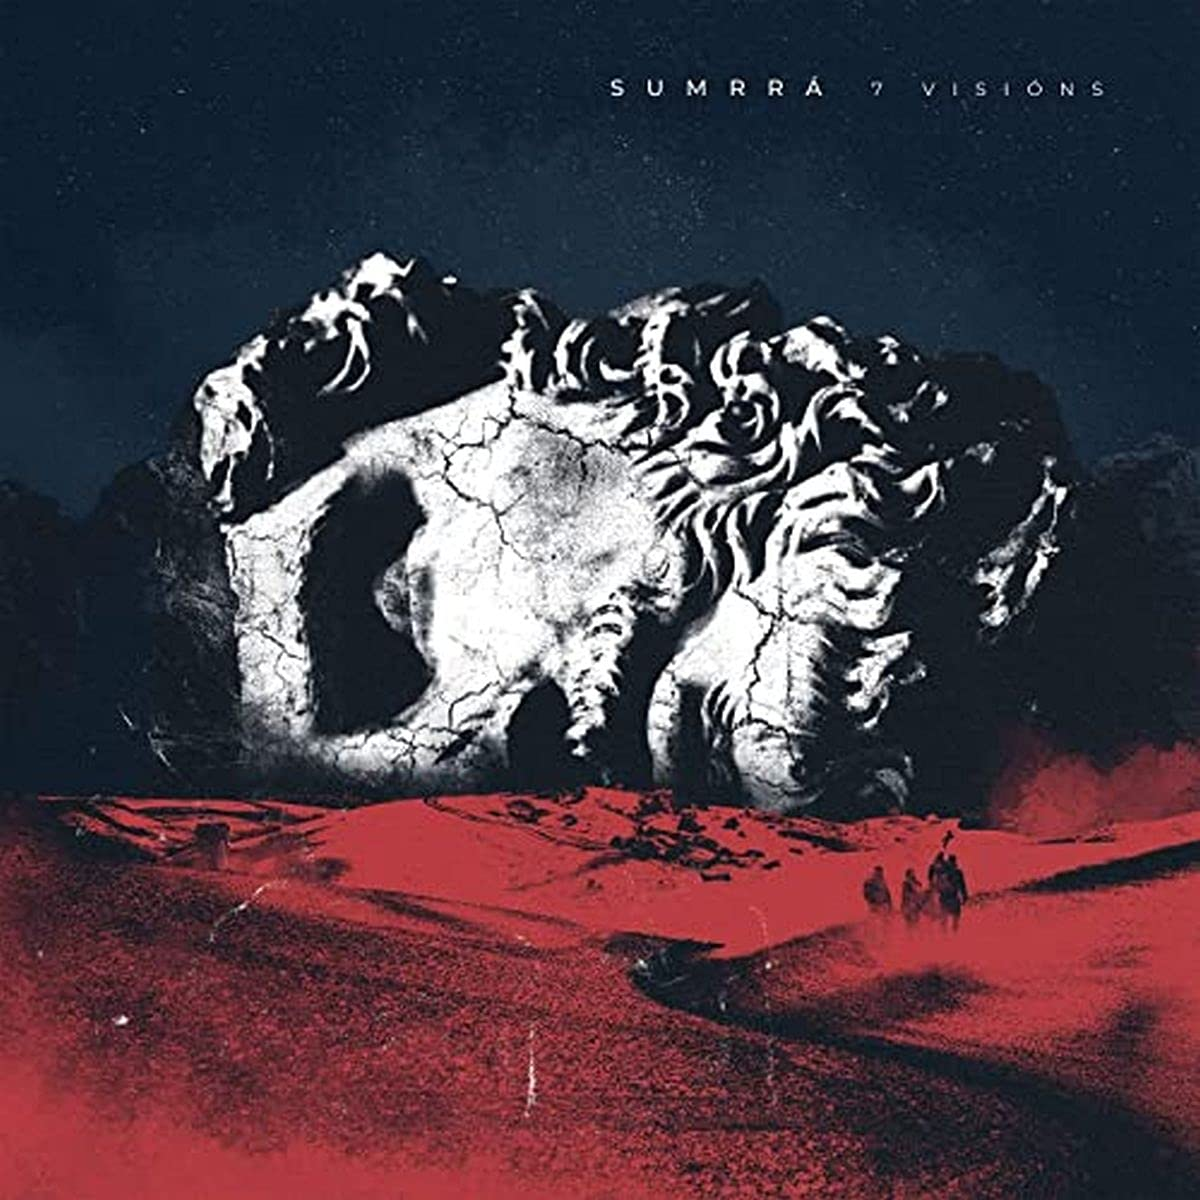 SUMRRA – 7 Visions (2021) [FLAC]